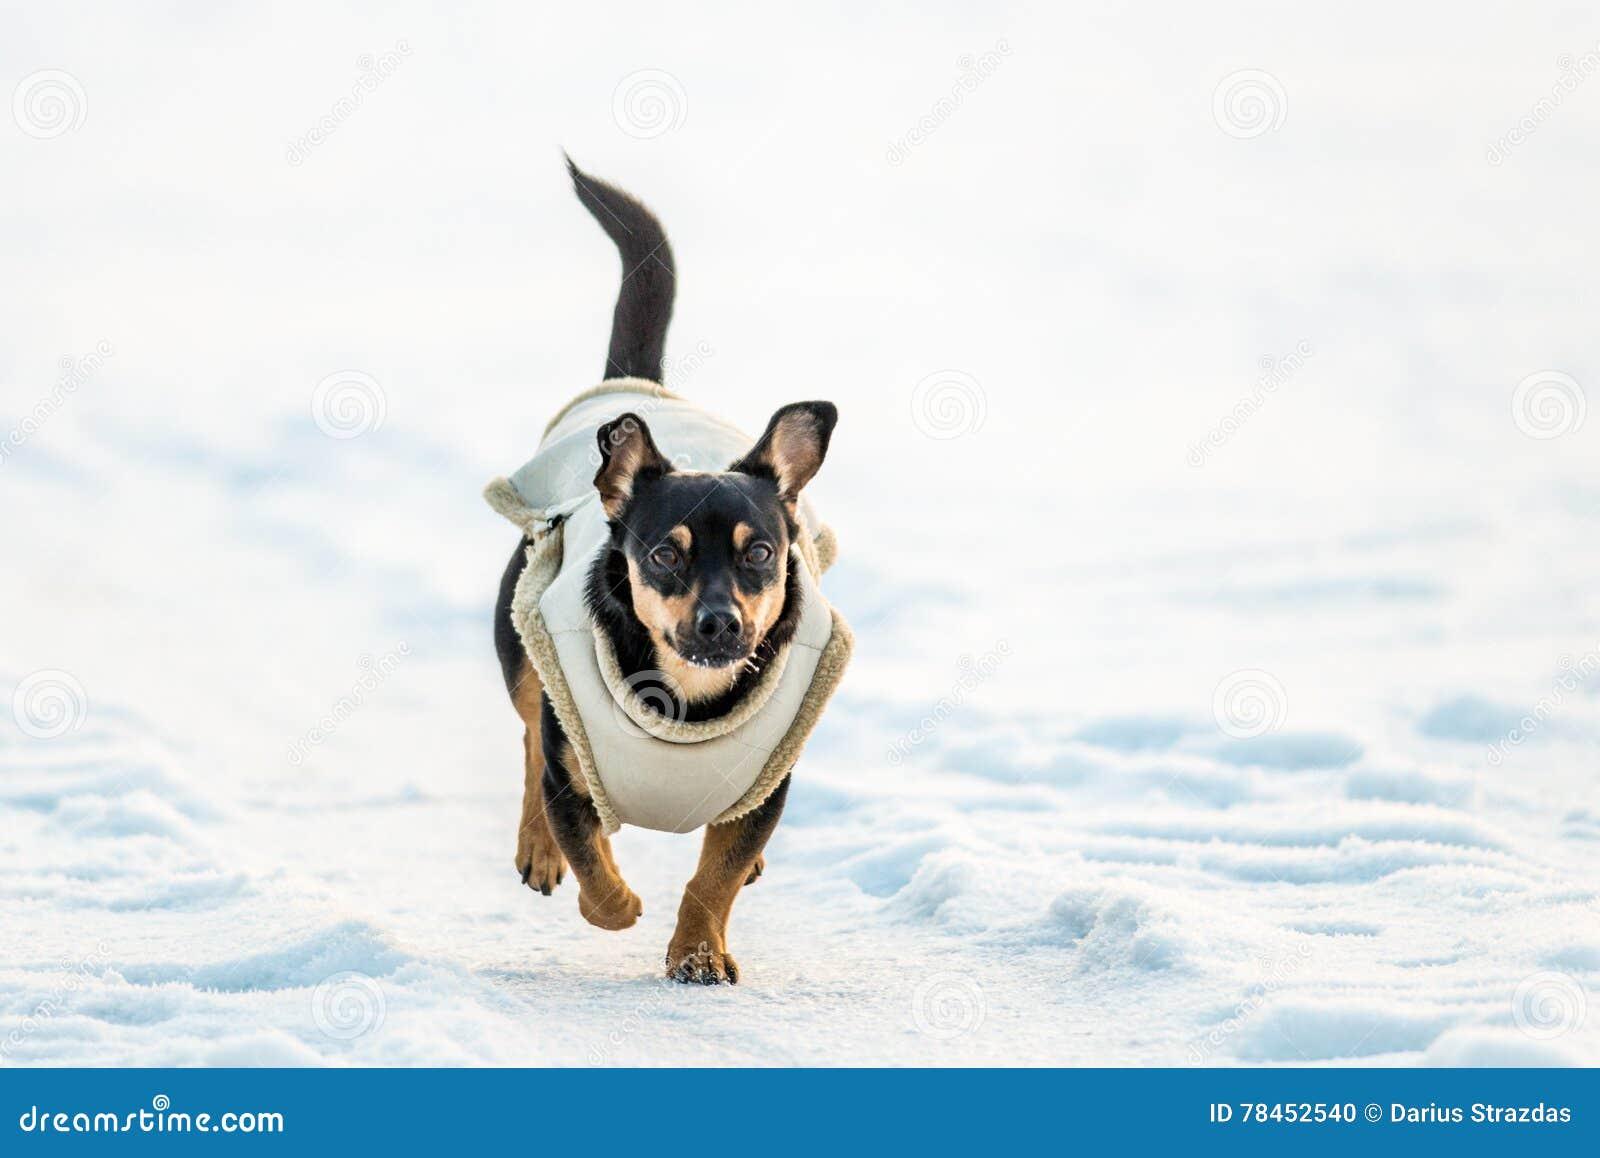 Chien avec des vêtements courus sur la neige